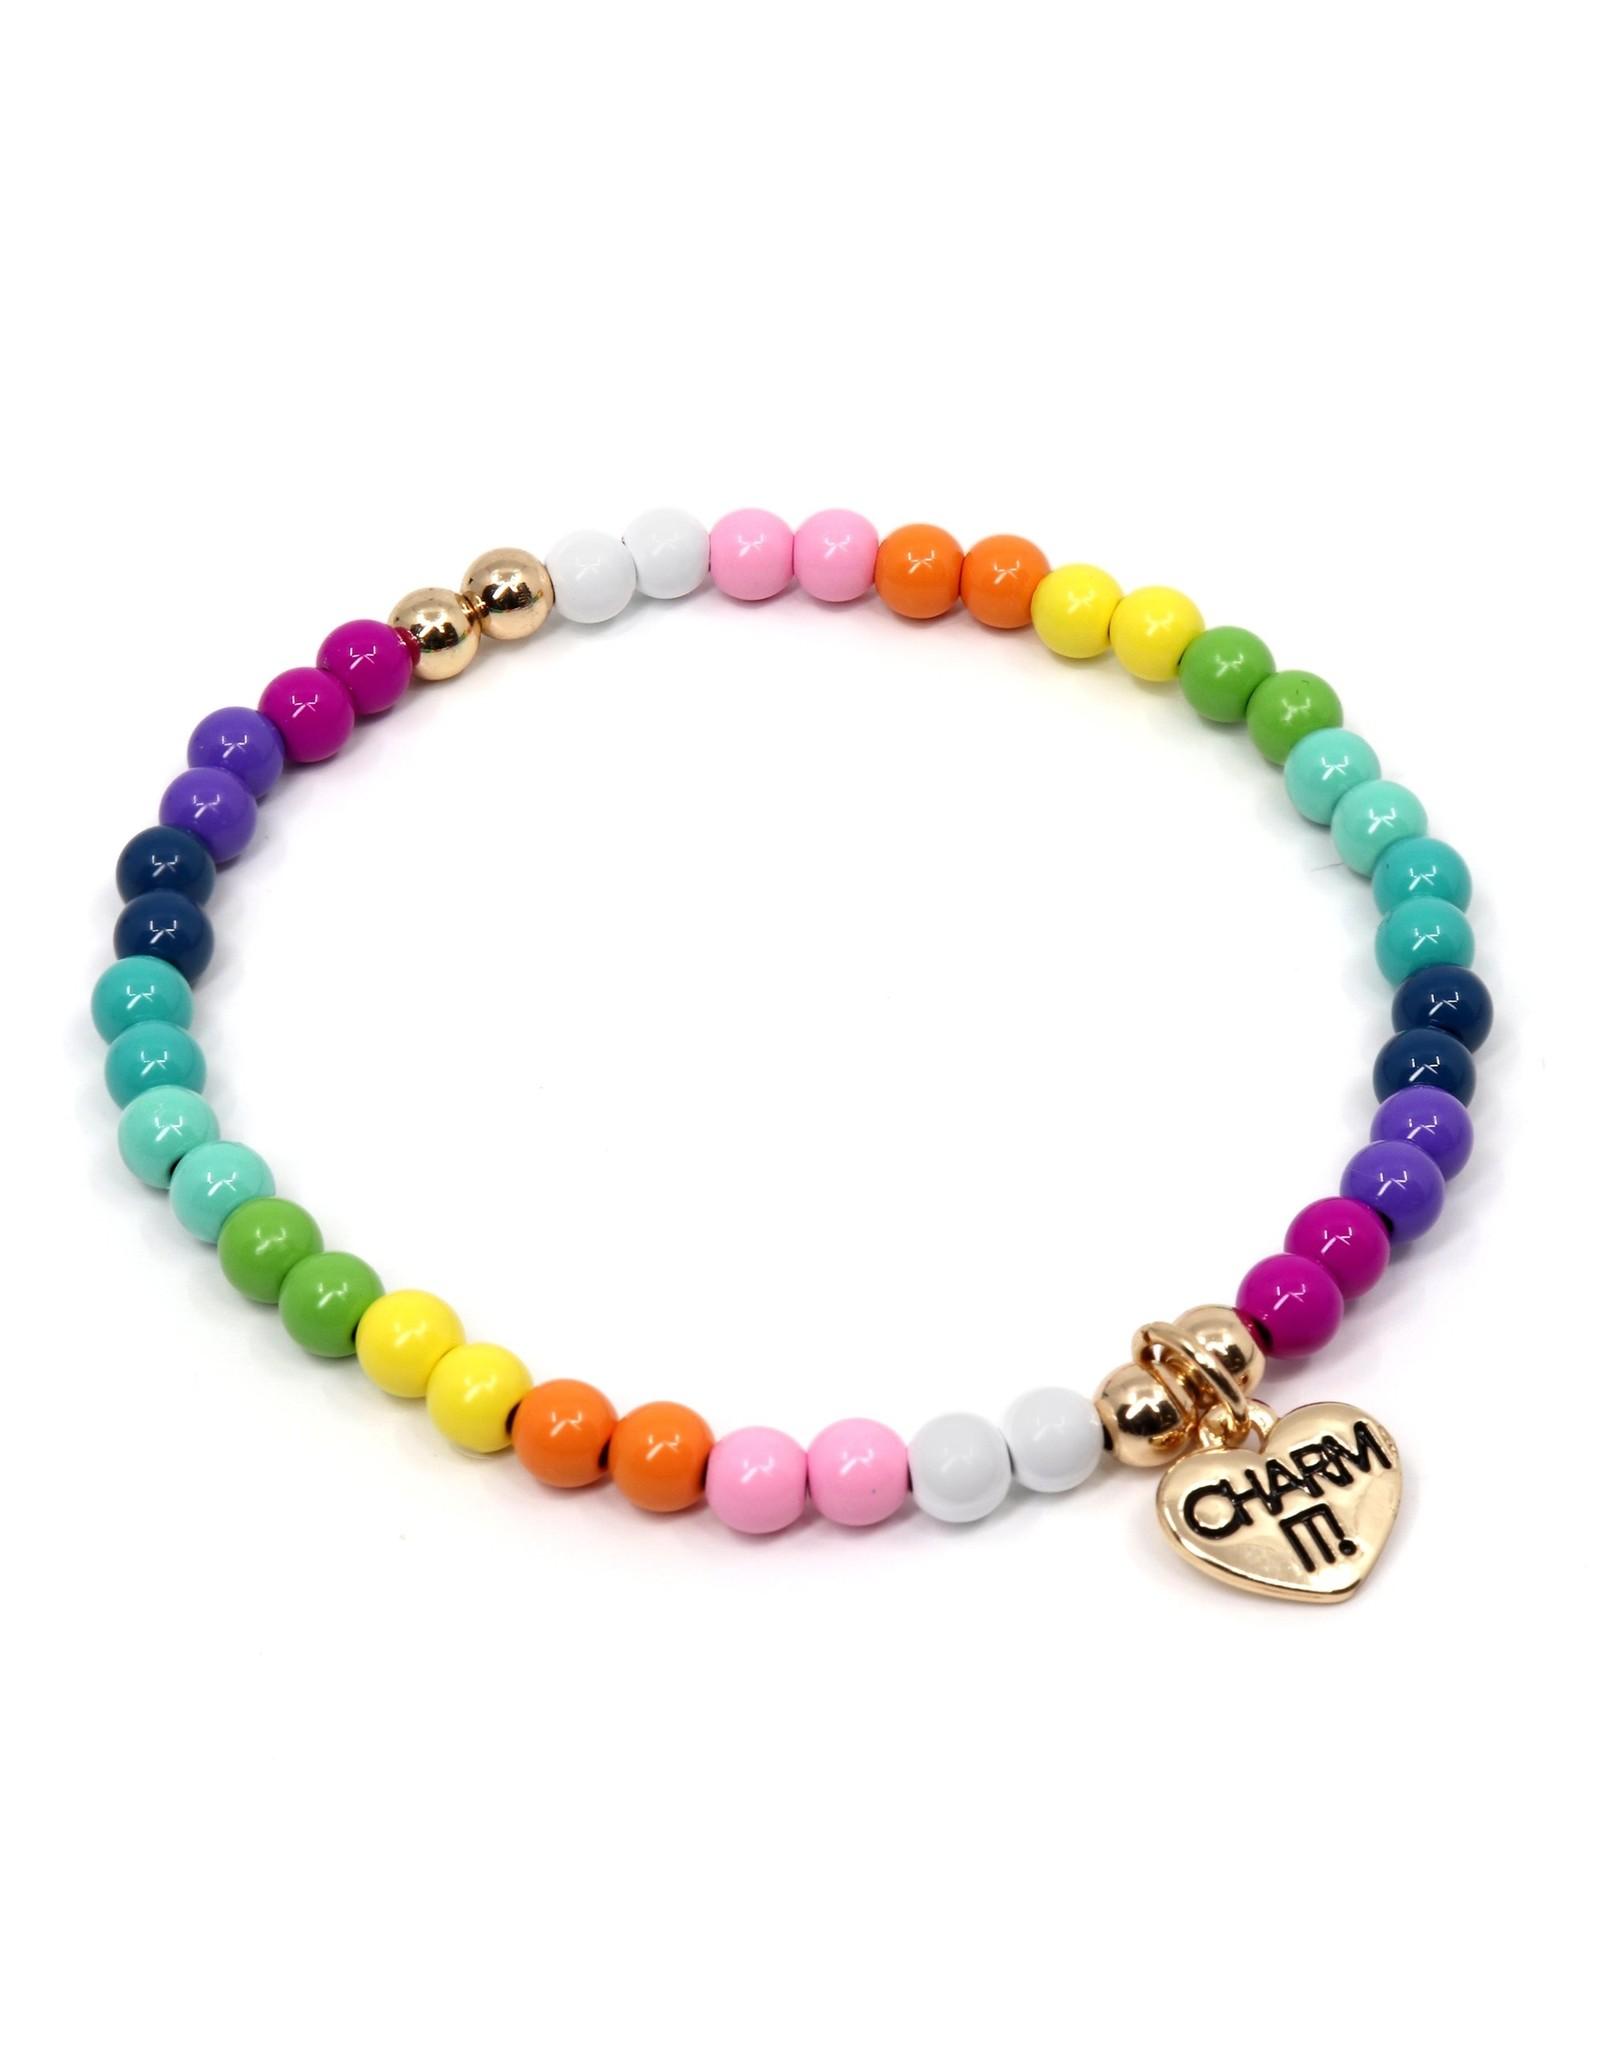 Charm-It Rainbow Stretch bead bracelet